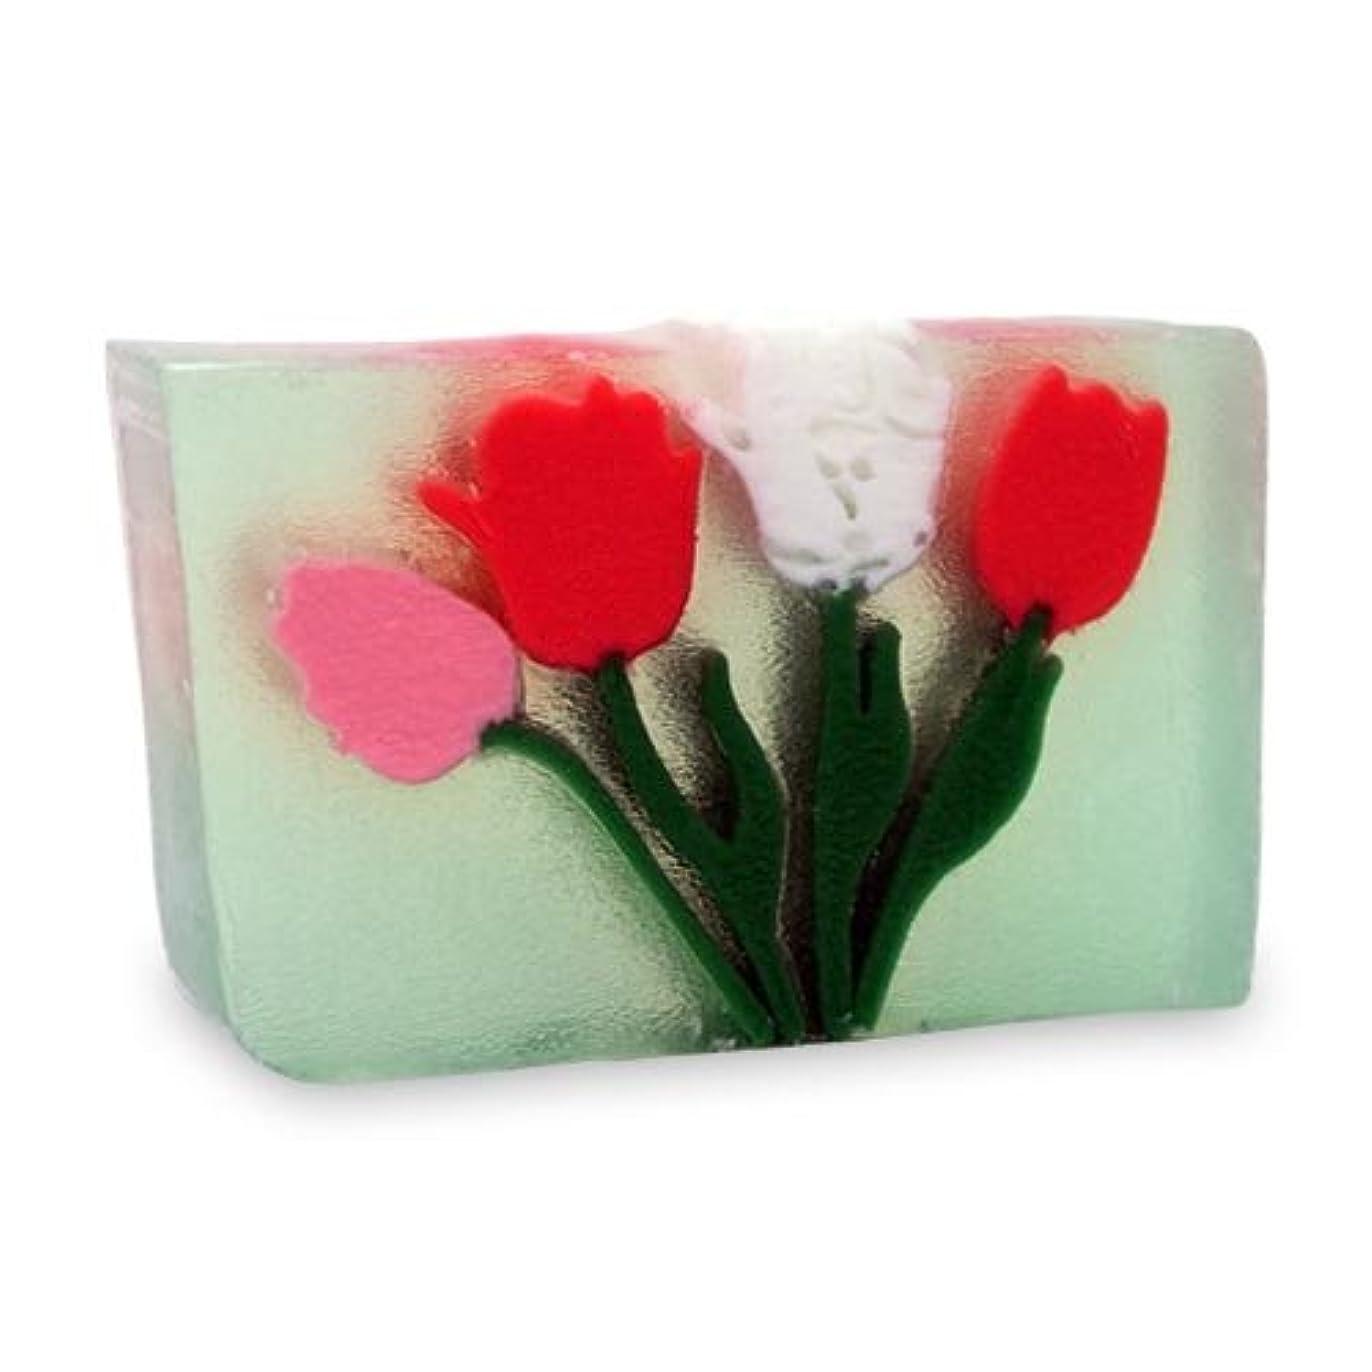 プライモールエレメンツ アロマティック ソープ チューリップ 180g 植物性 ナチュラル 石鹸 無添加